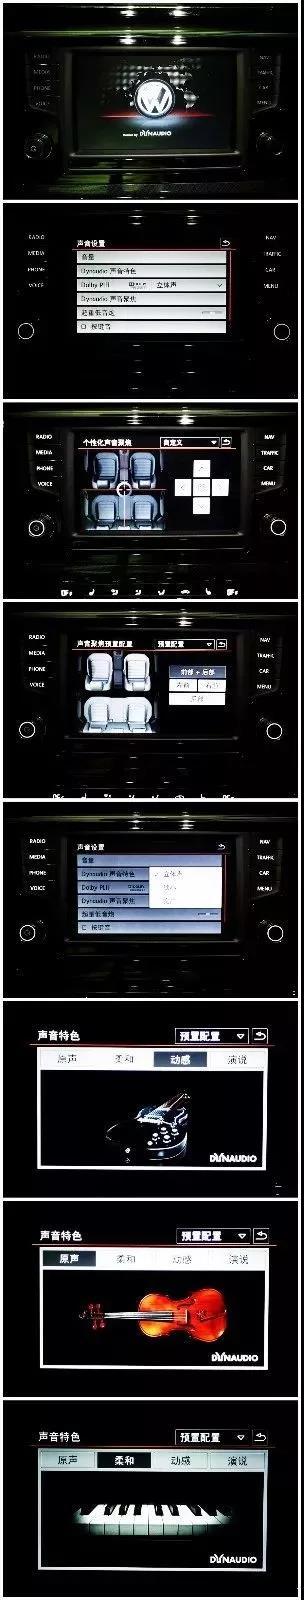 沃富林|汽车音响|家用音响|个人无线蓝牙音箱